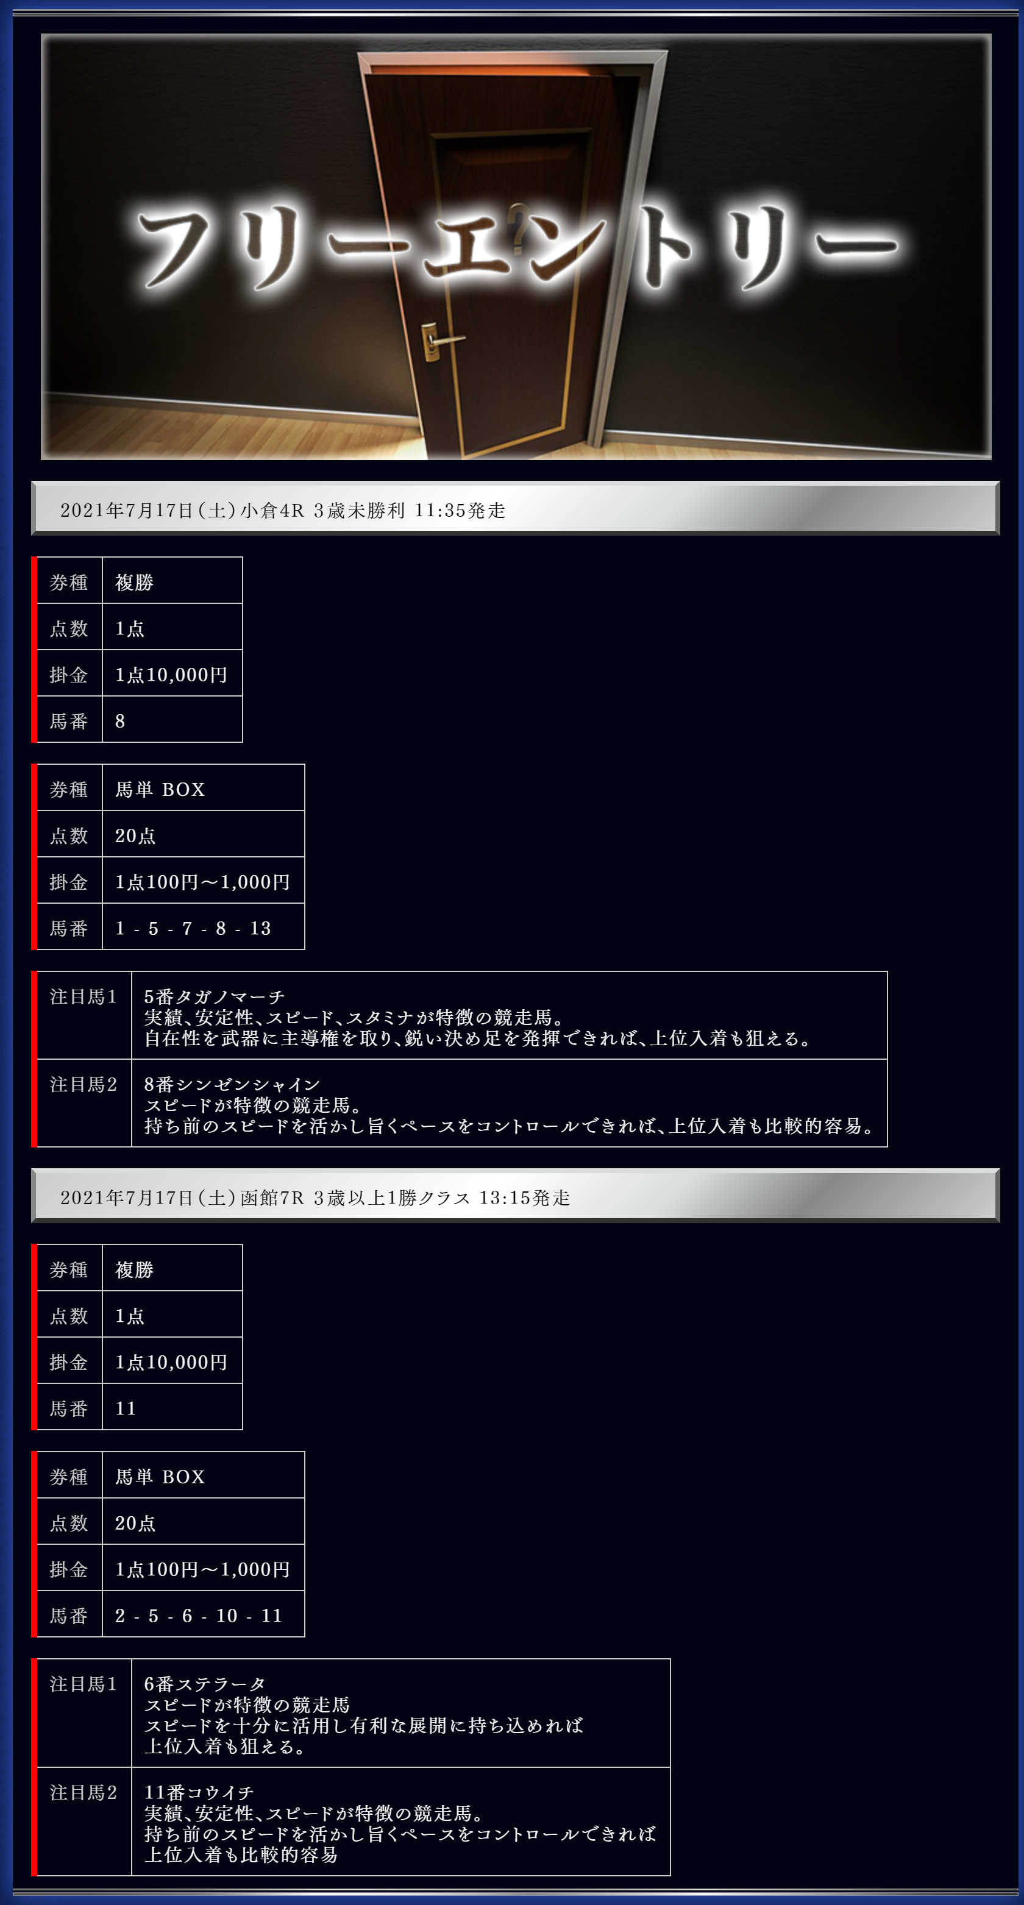 競馬予想サイトのEDGE(エッジ)の無料情報7月17日小倉競馬場4R、函館7R無料予想検証結果